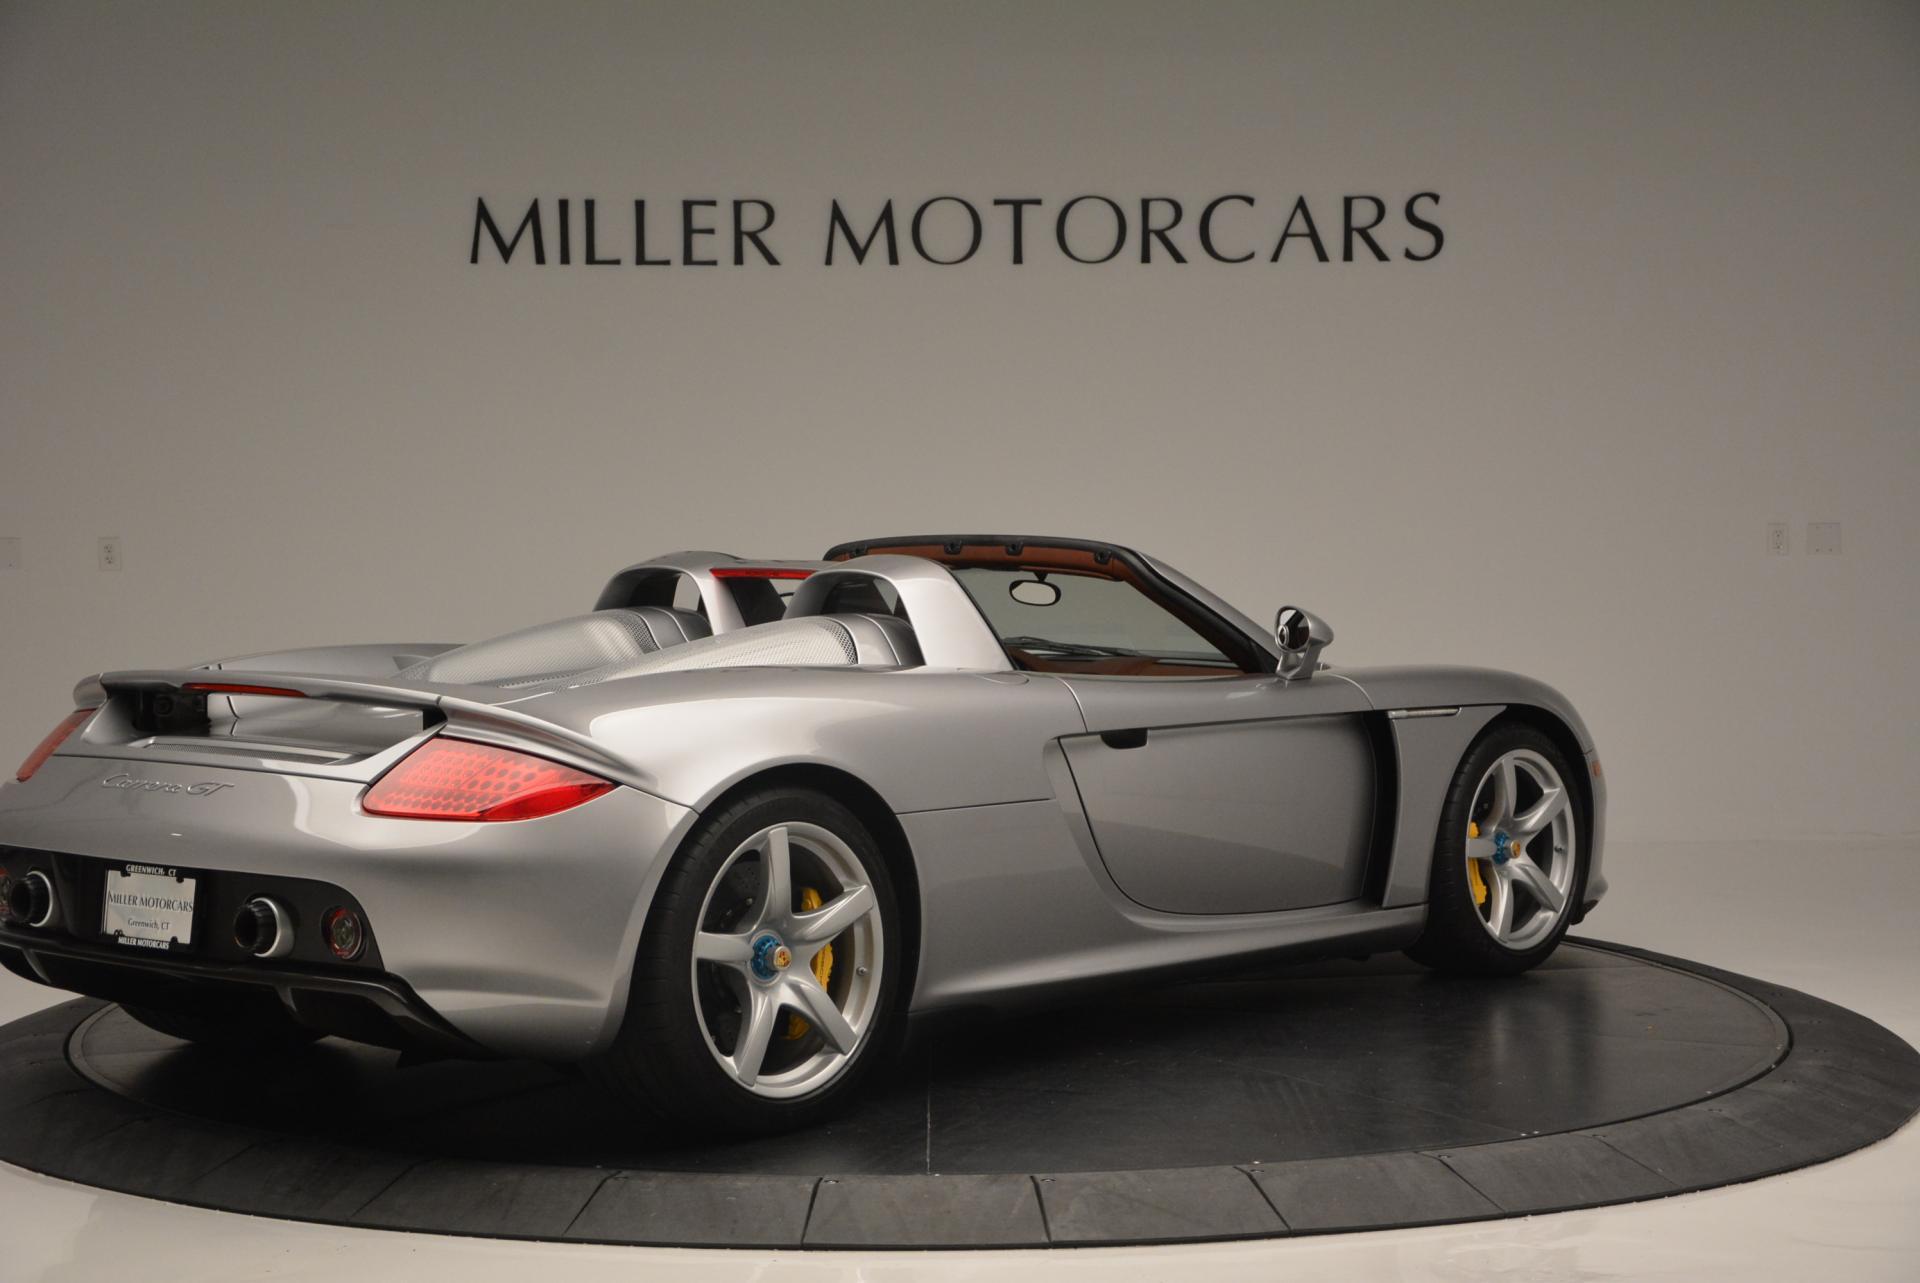 Used 2005 Porsche Carrera GT  For Sale In Greenwich, CT. Alfa Romeo of Greenwich, 7114 108_p10